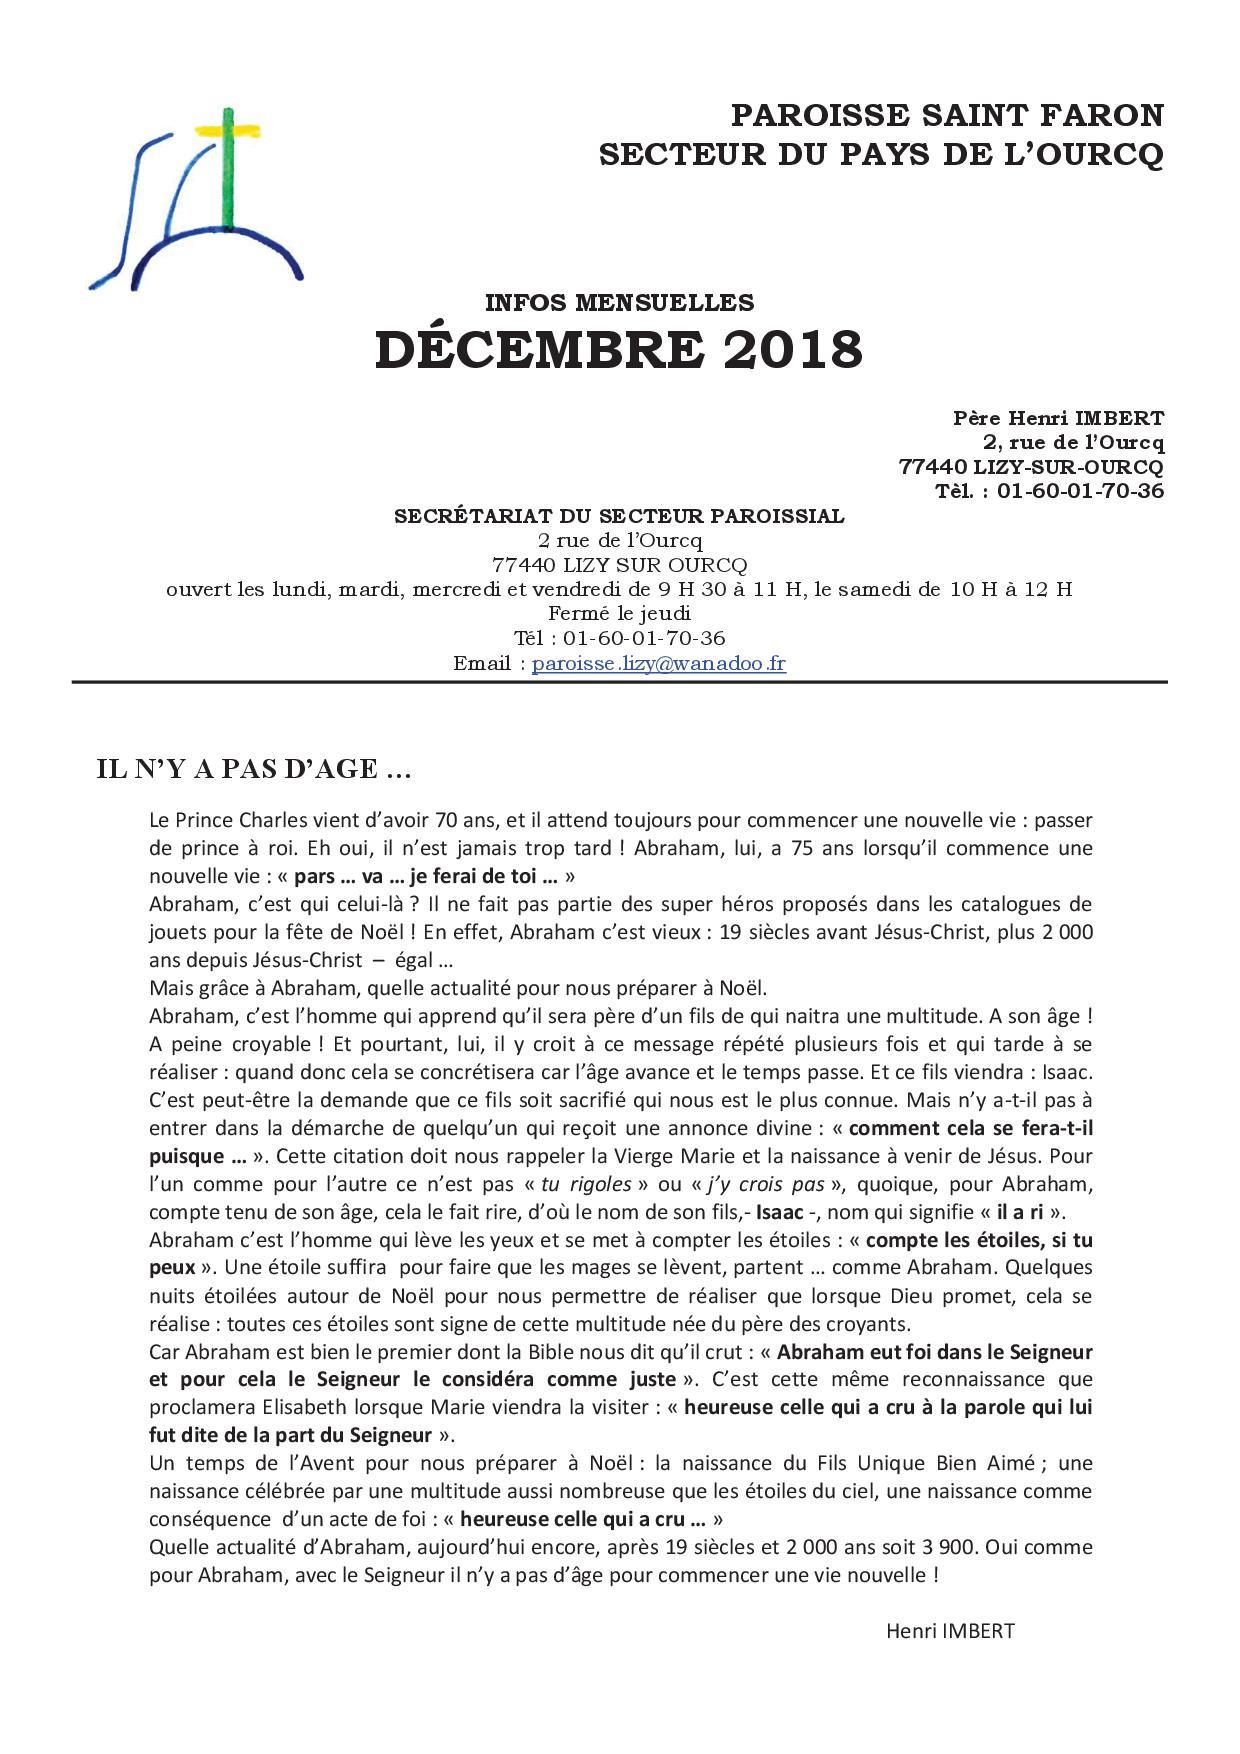 LsO_feuille 12 décembre 2018_1